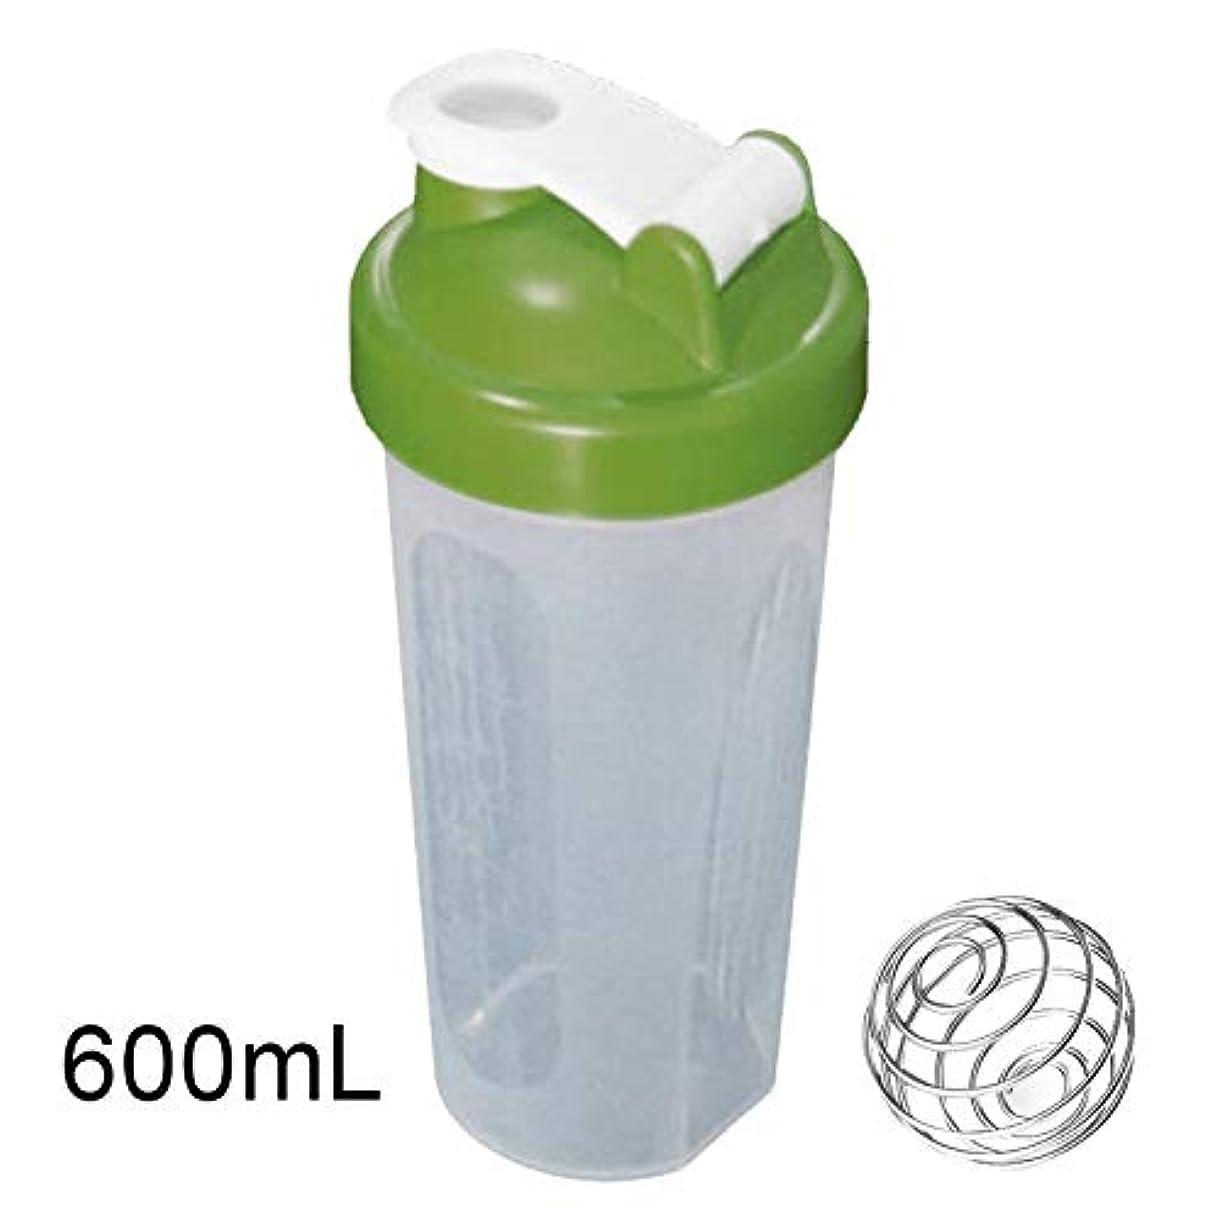 昼食センサー足SweetiChic シェイクザカップ 400/600ミリリットル プロテインパウダーミキシングカップ 封印 漏れ防止 シェイクボトル攪拌ボール プロテインパウダーミキシング 飲料水ジュース用